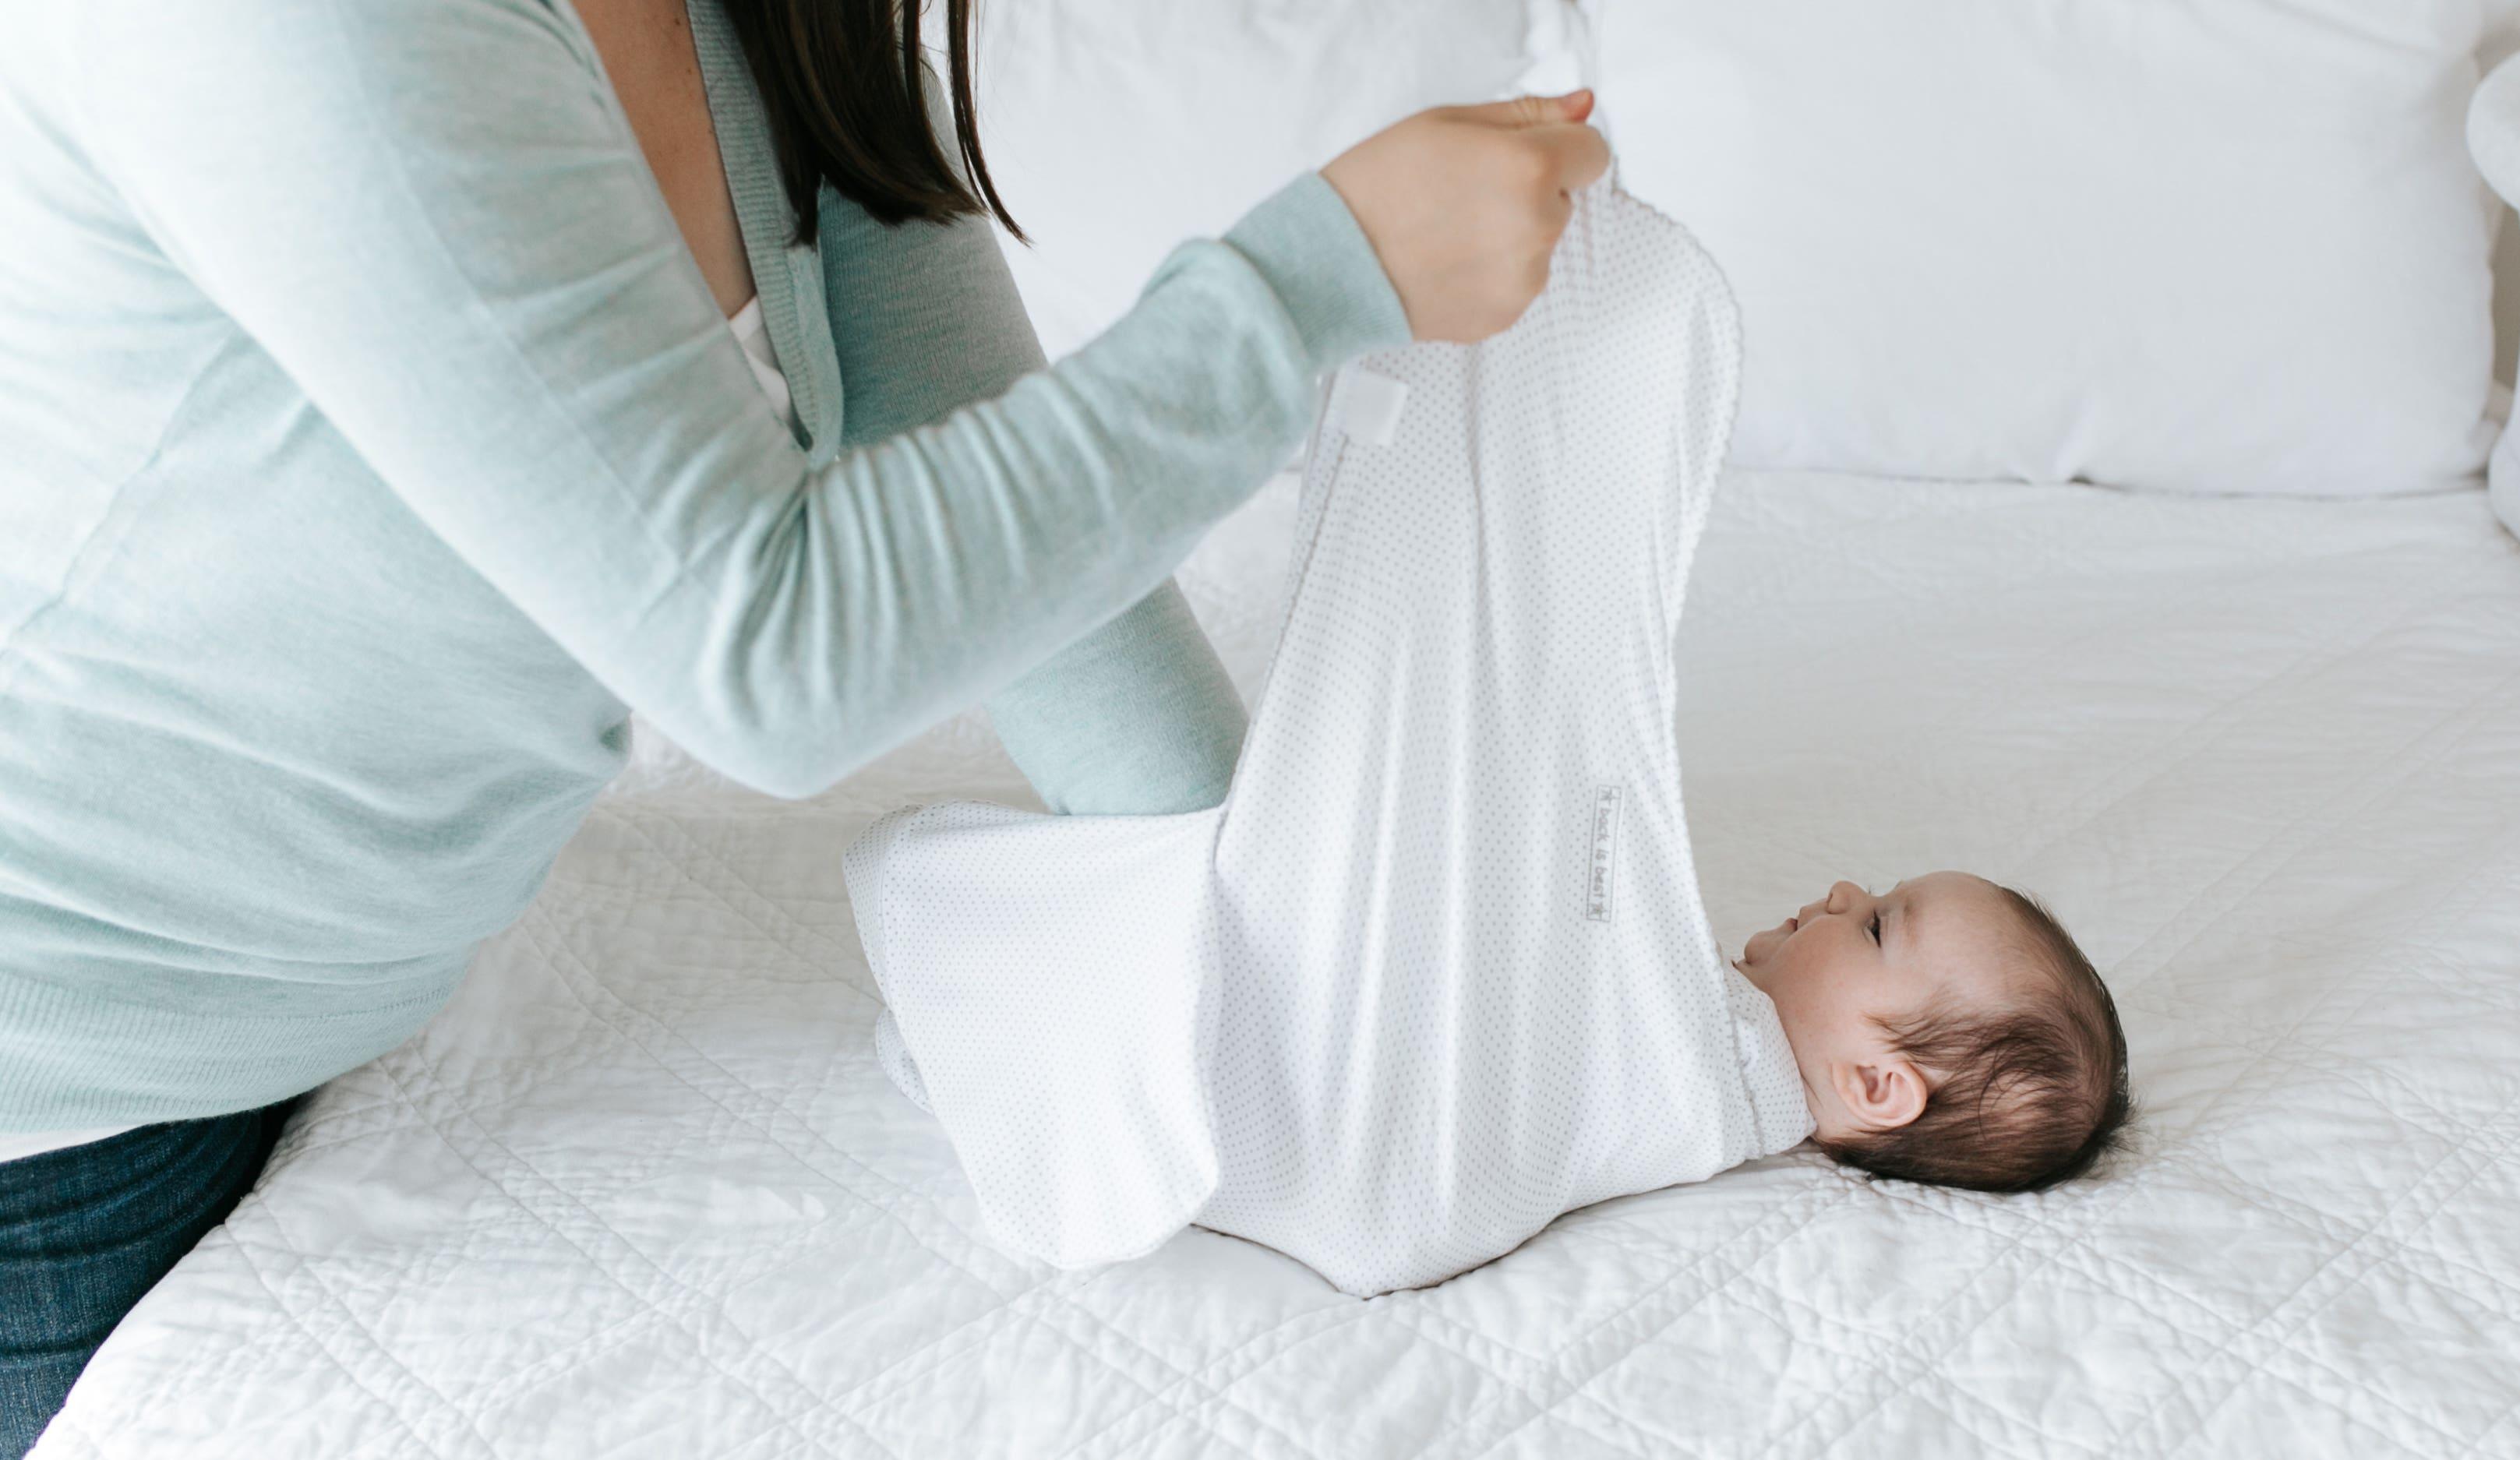 parent wrapping halo sleepsack swaddle around baby